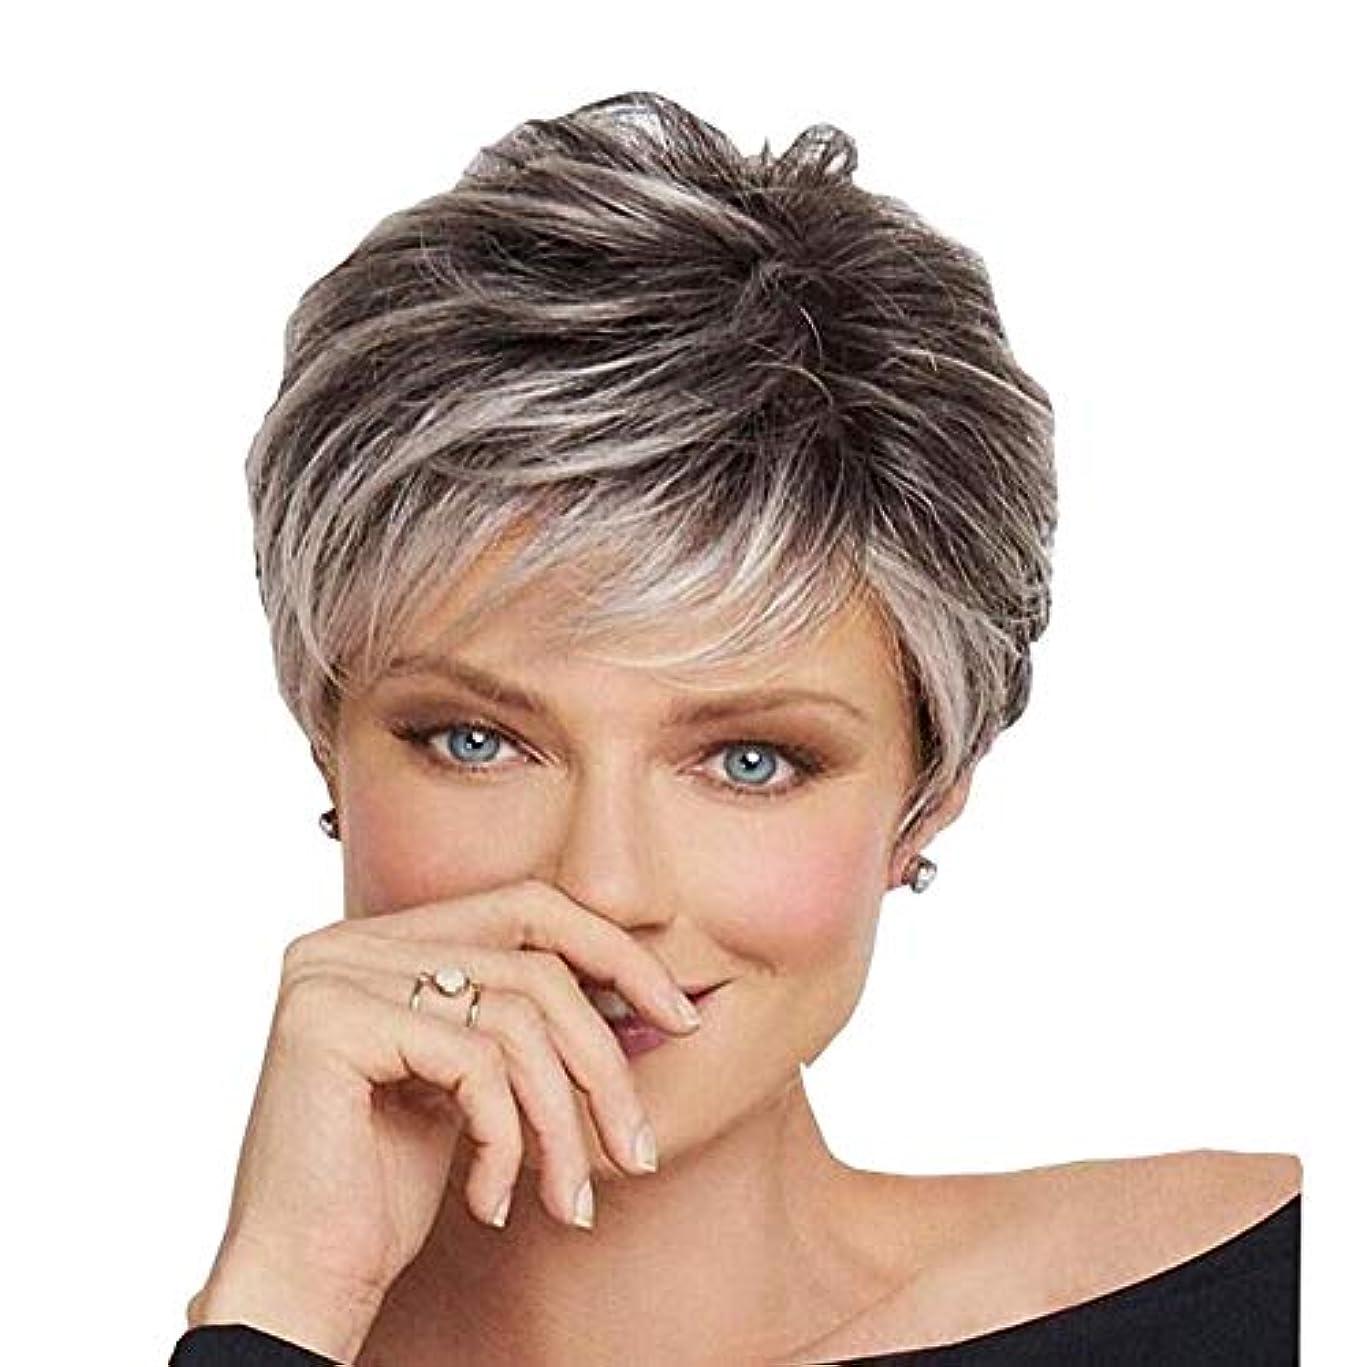 したがって物足りない錫YOUQIU 毎日パーティーかつらのために斜め前髪を持つ女性のグレーショートカーリーヘアダークルーツヘアウィッグ (色 : グレー)